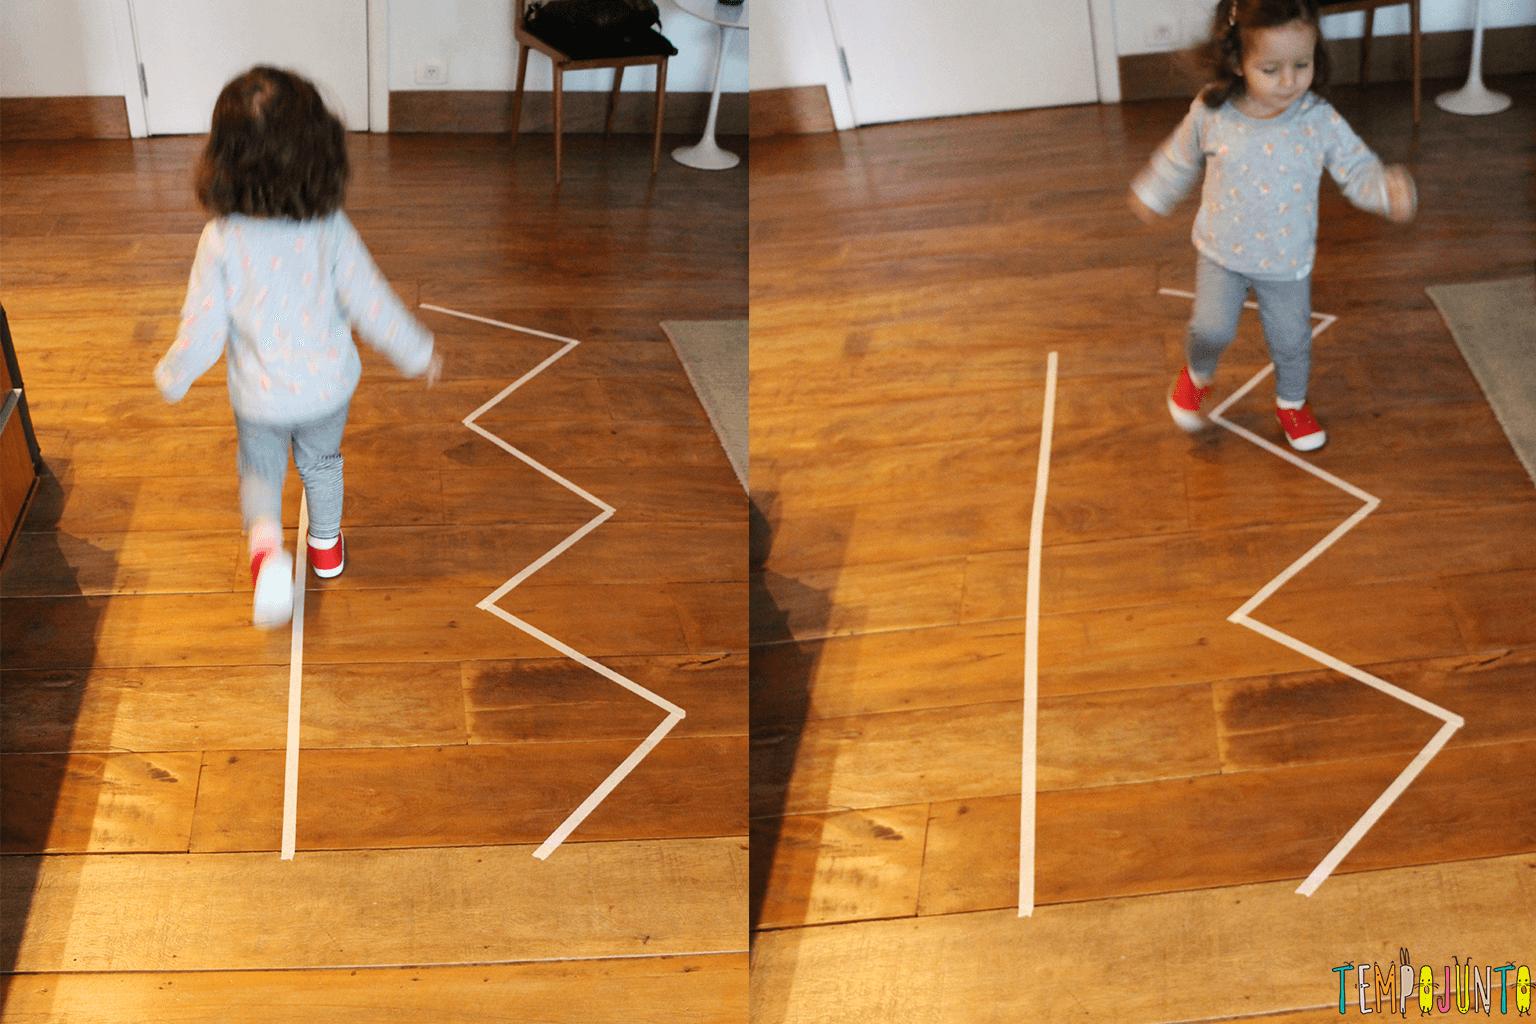 Jogo de movimento para crianças pequenas - Gabi andando nas fitas